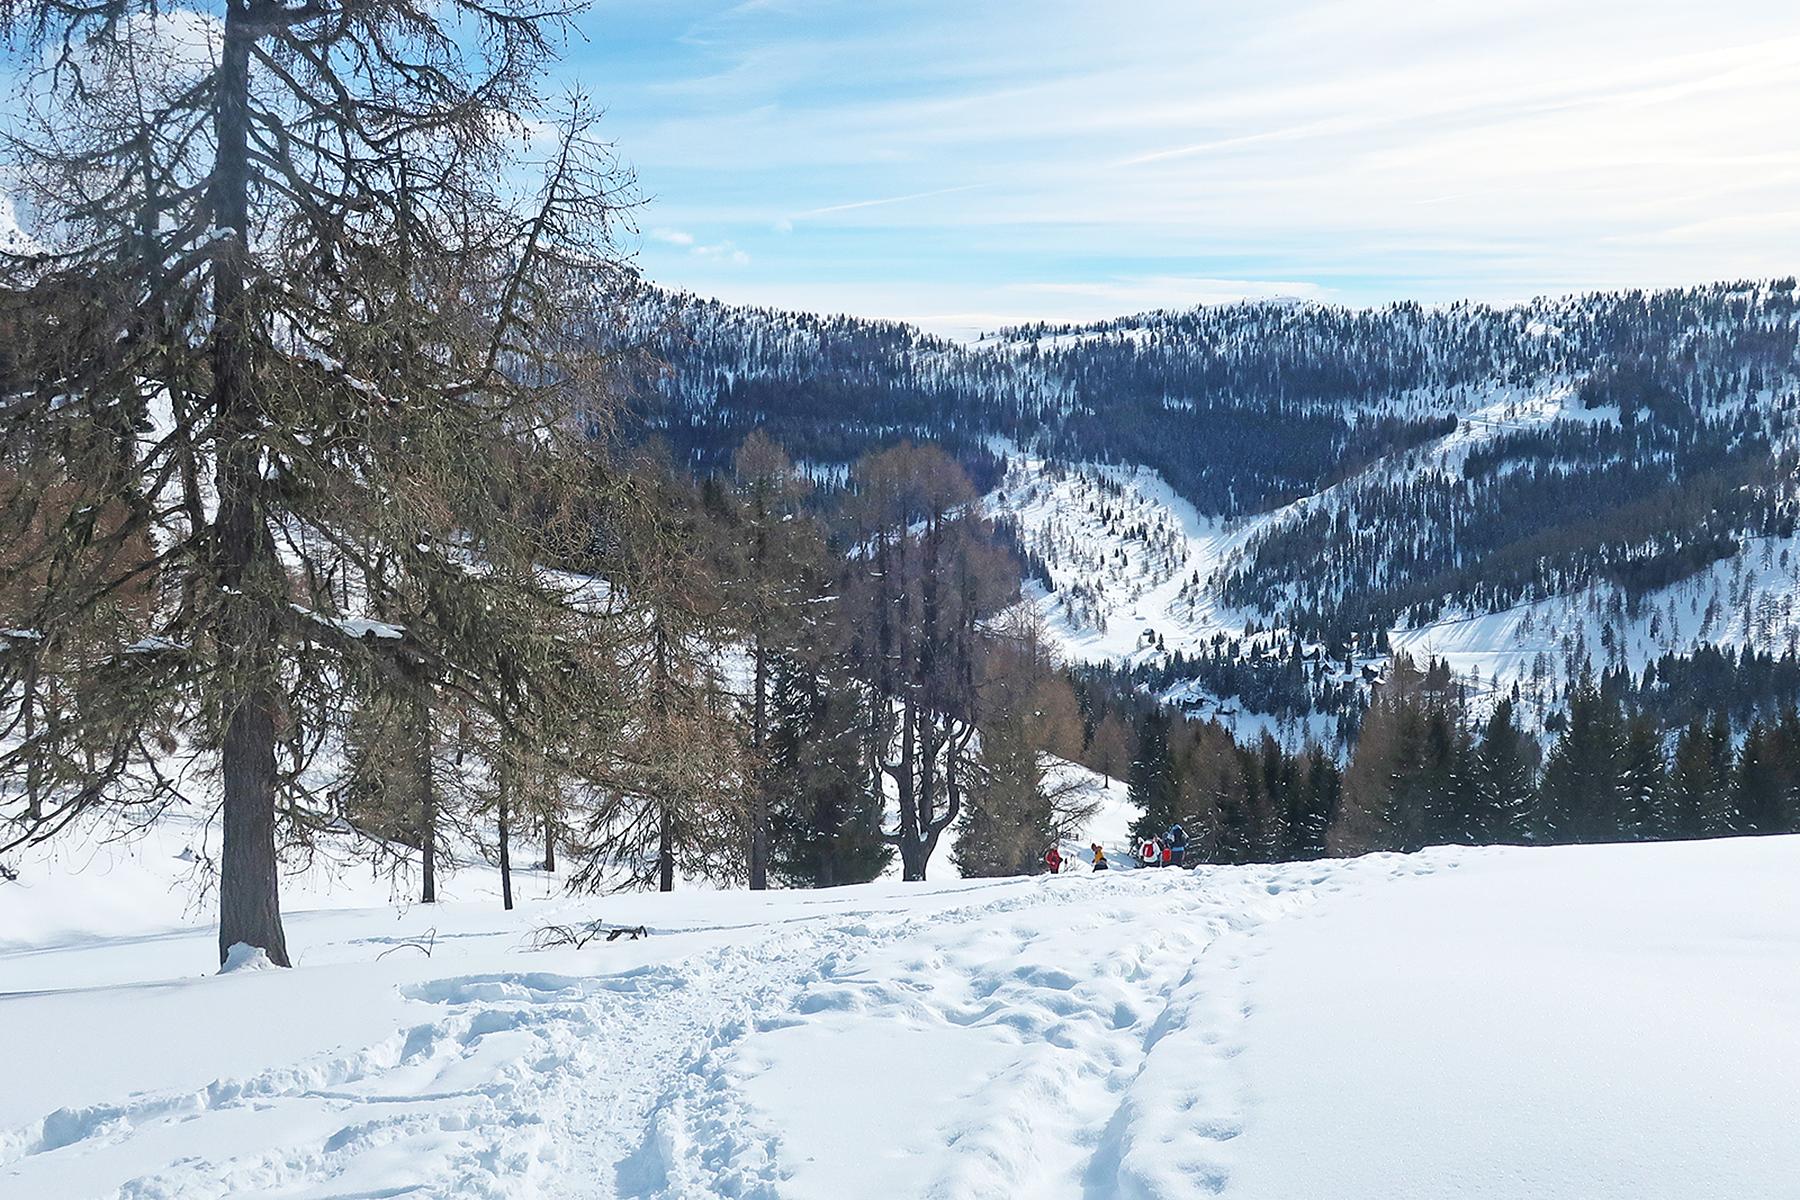 Schneeschuh-Abenteuer für Anfänger: 9 Tipps fürs sichere Schneeschuhwandern